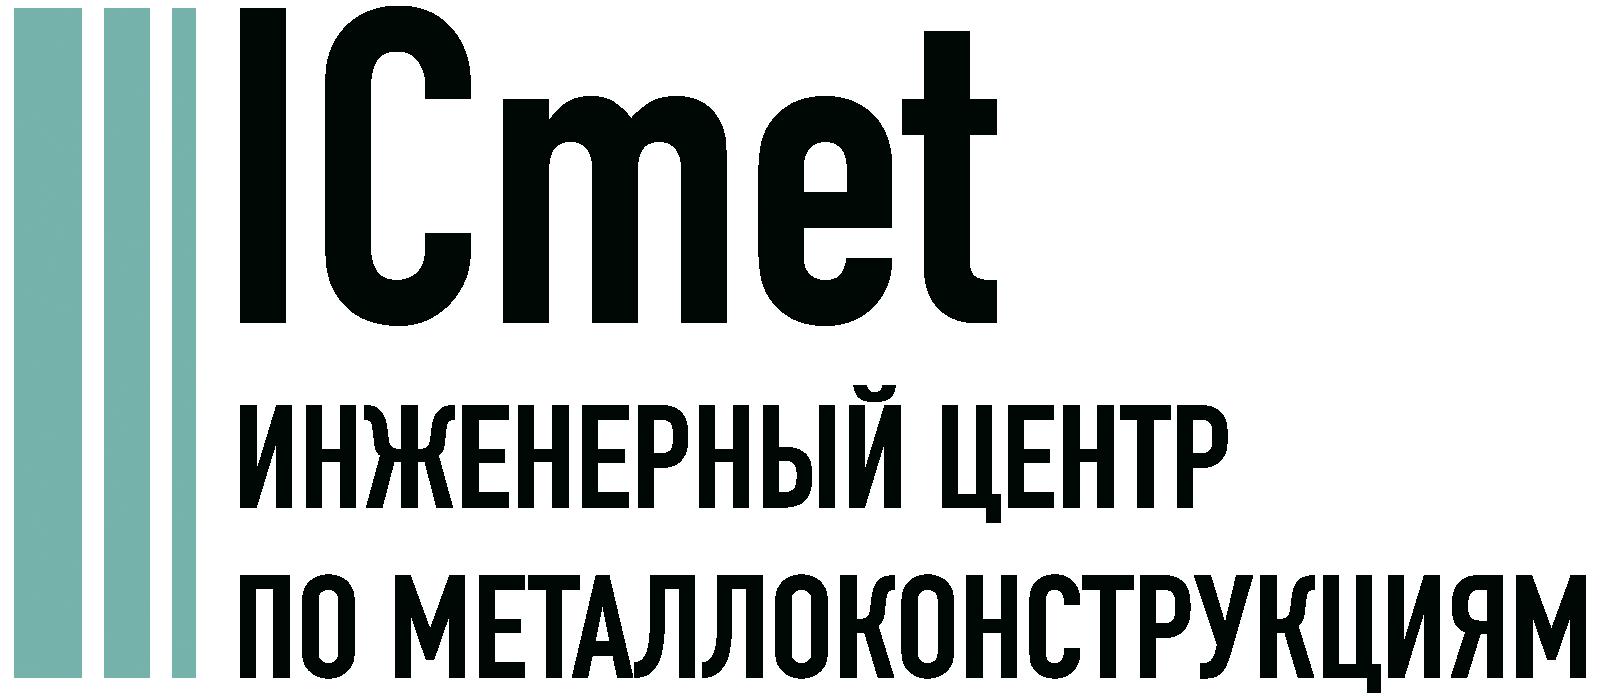 Проектирование металлоконструкций в Омске